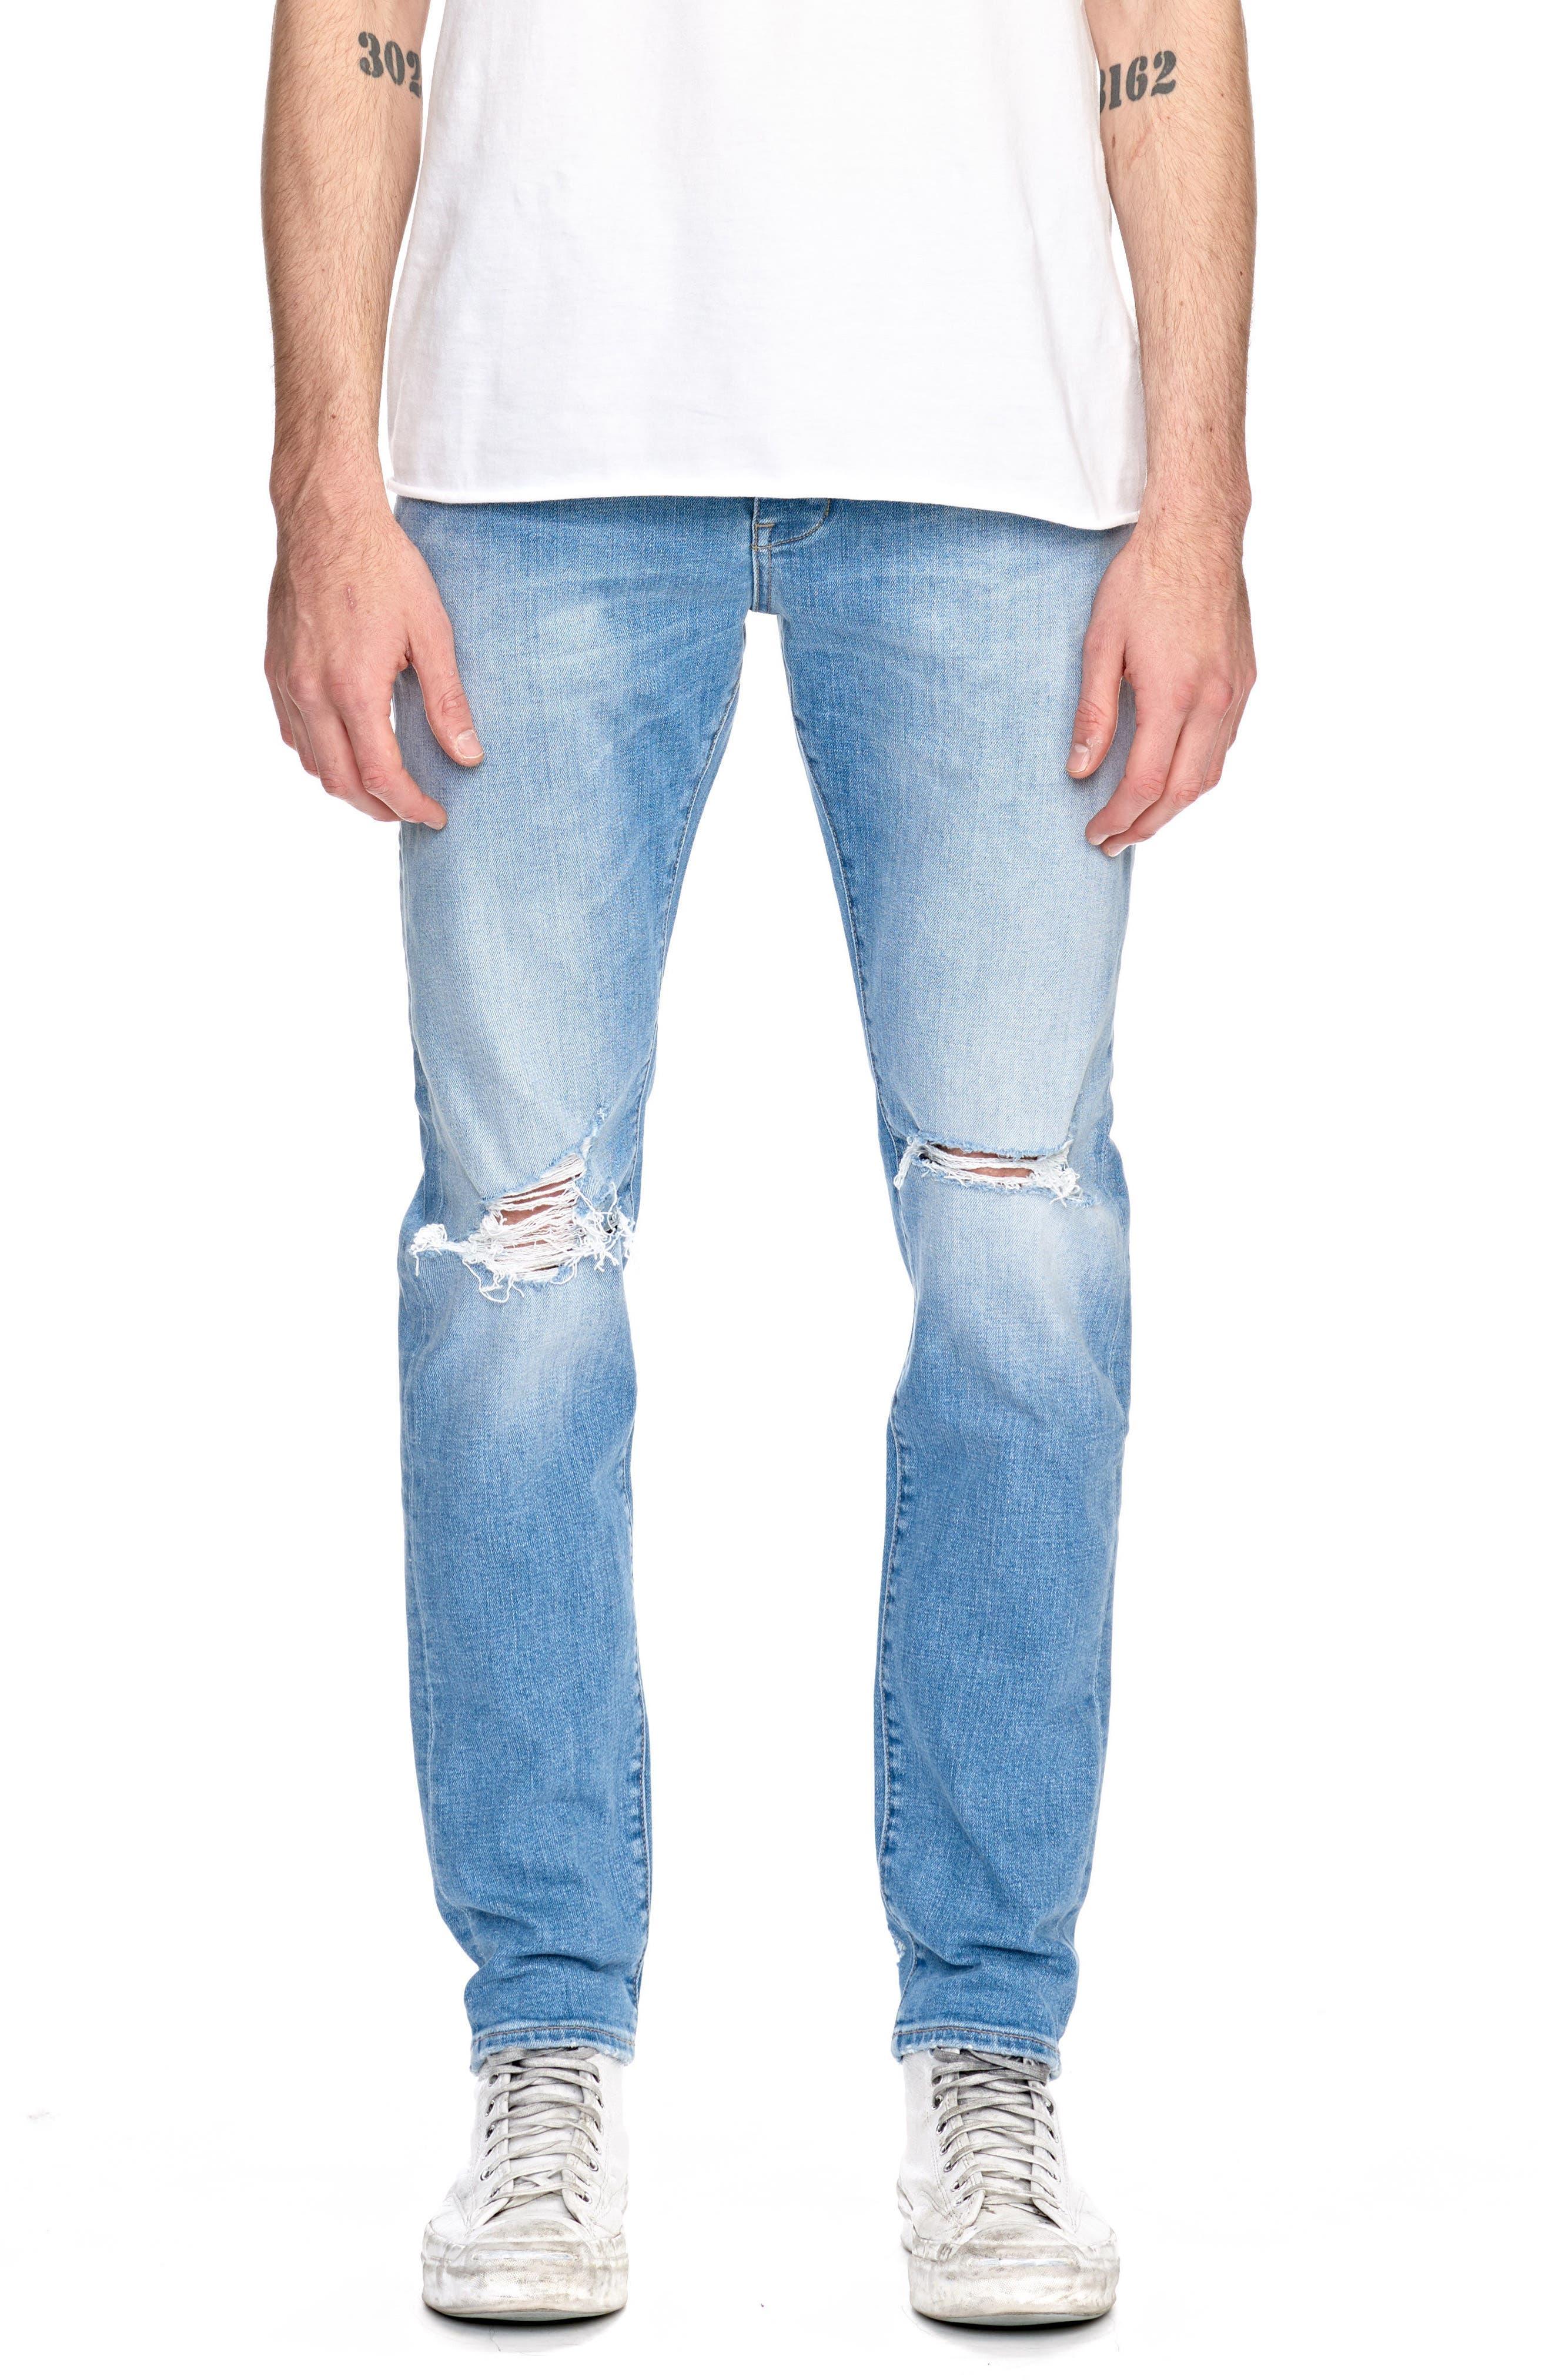 NEUW Iggy Skinny Fit Jeans (Noam)